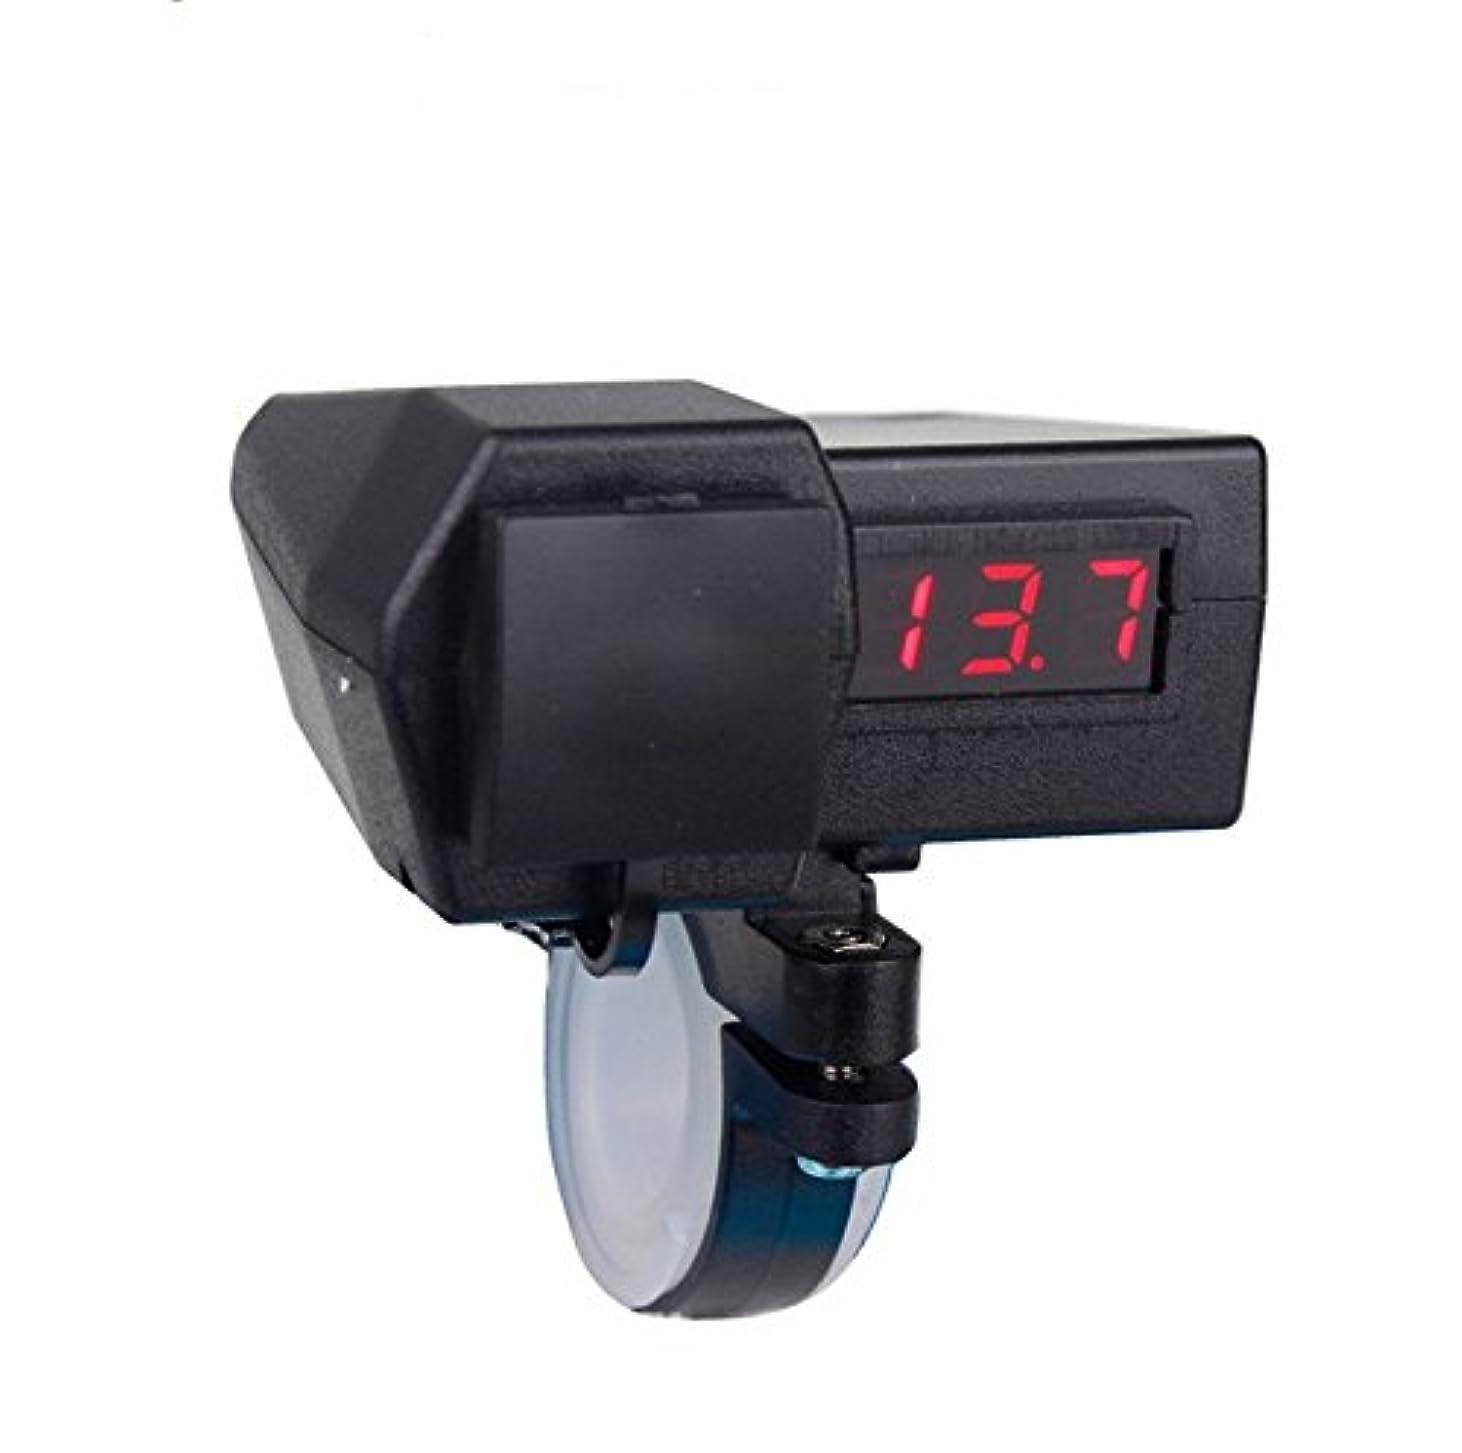 オートメーション怒って脚本家Yitengオートバイ GPS携帯電話  USB電源ソケット充電器+ グリーン電圧計 3.1A  USB2ポート